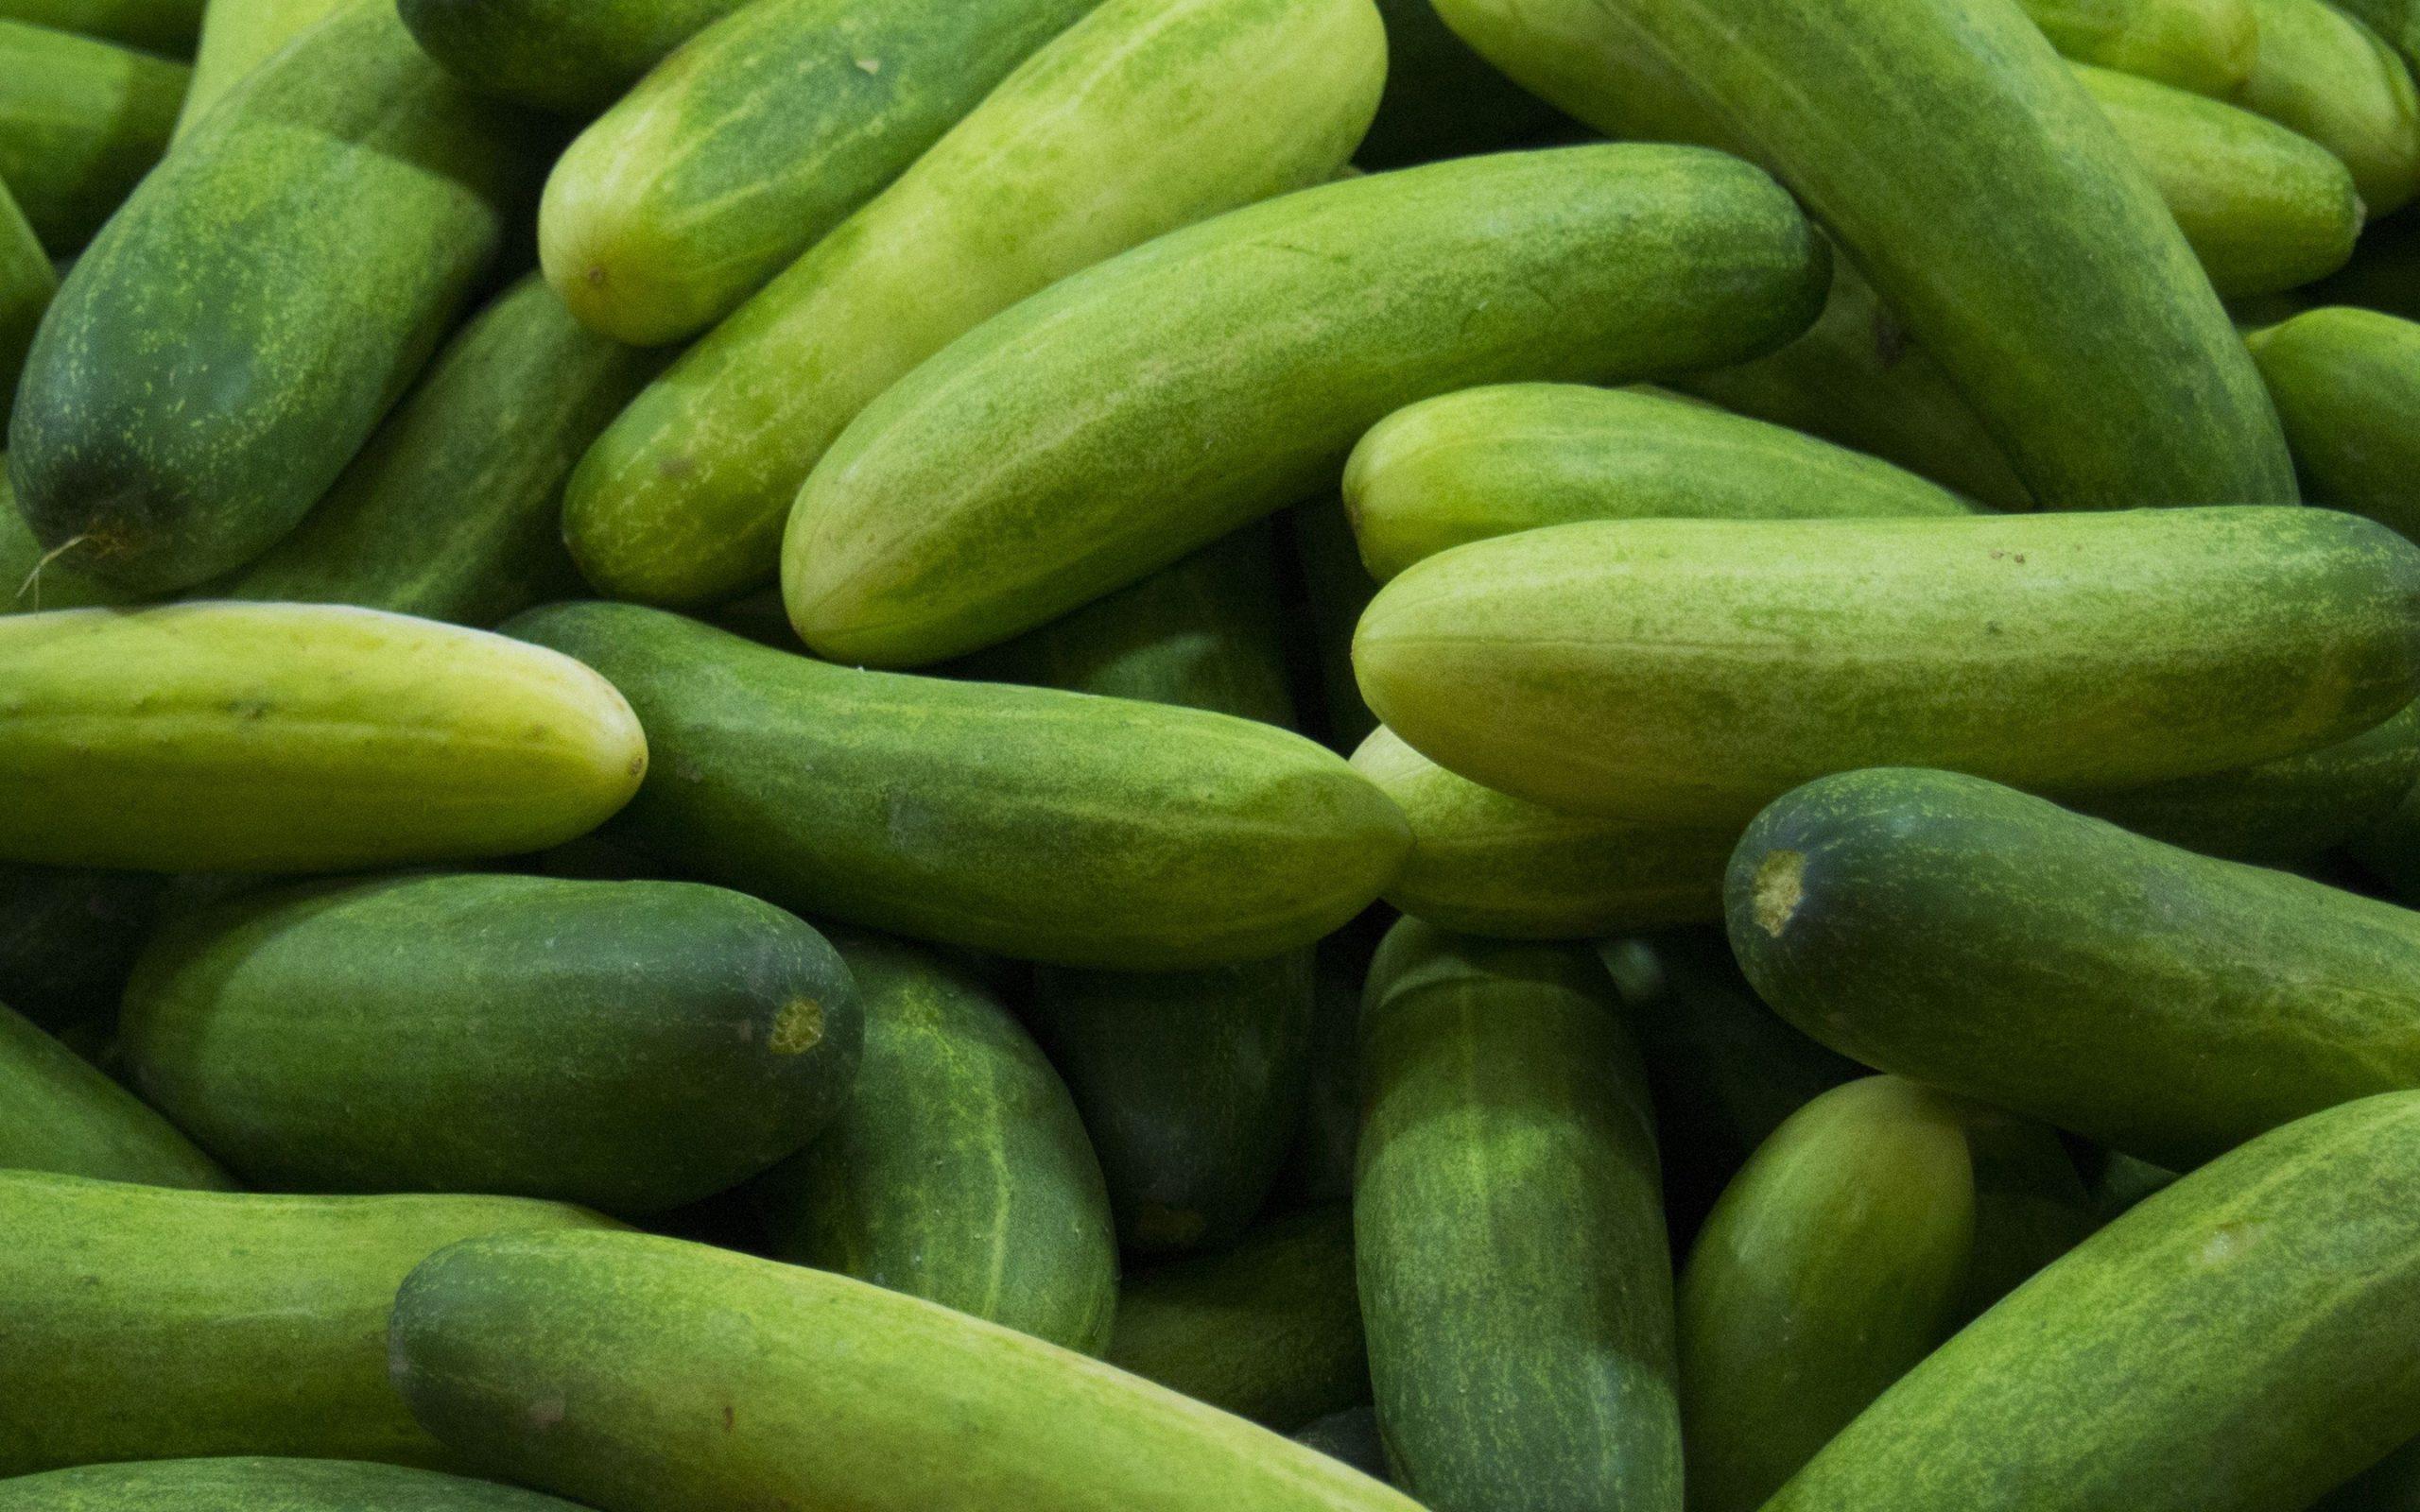 Cooking Cucumber / Veḷḷarikkay / வெள்ளரிக்காய்